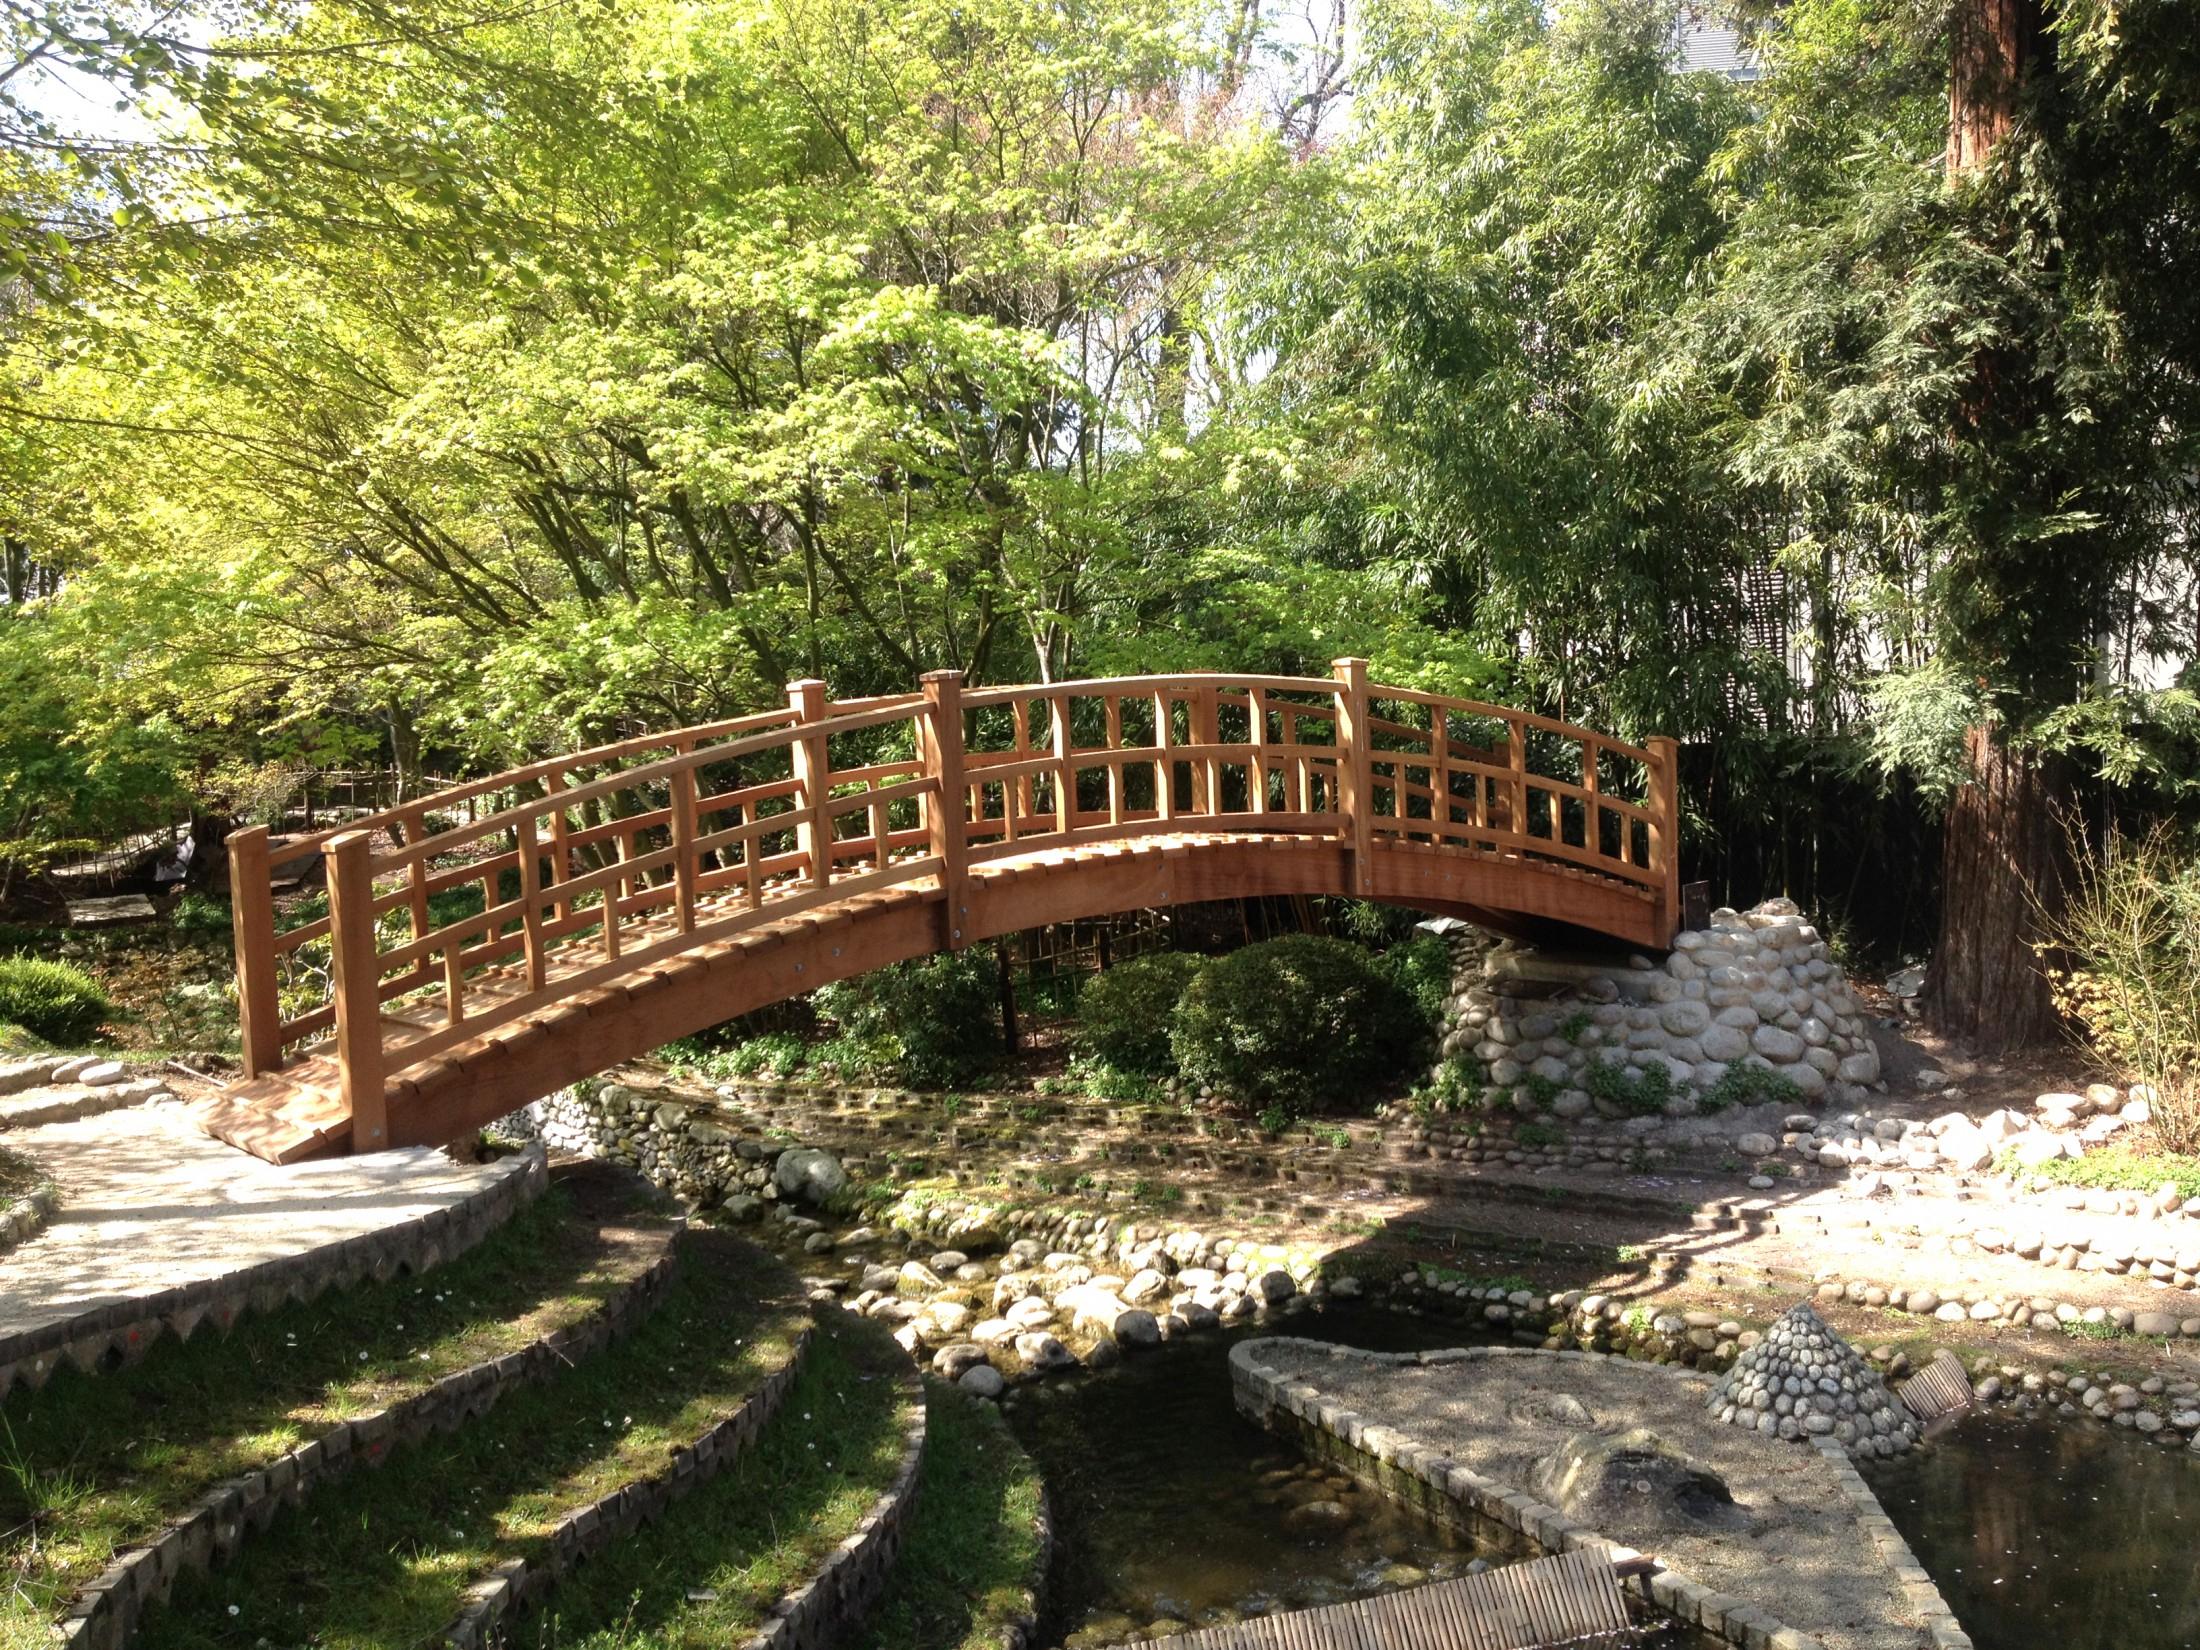 Ouvrage D'art Bois Extérieur Structure Sur Mesure | Sle pour Pont En Bois Pour Jardin